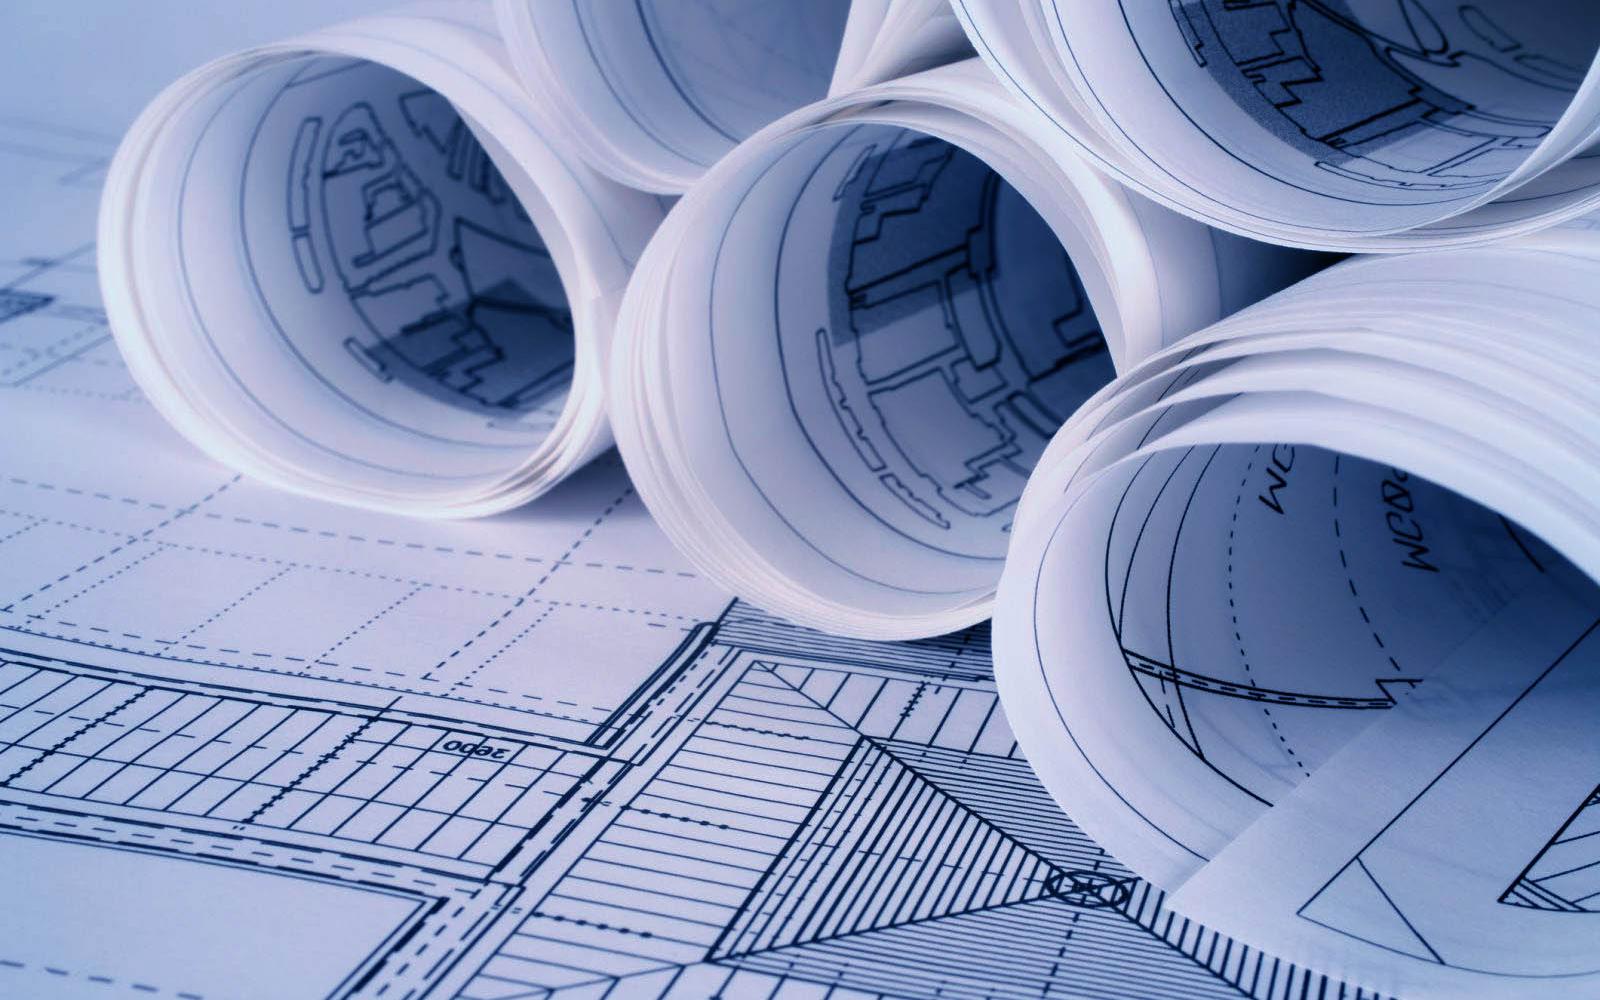 fondamenti_di_scienze_delle_costruzioni_per_architettura_1533634797.png